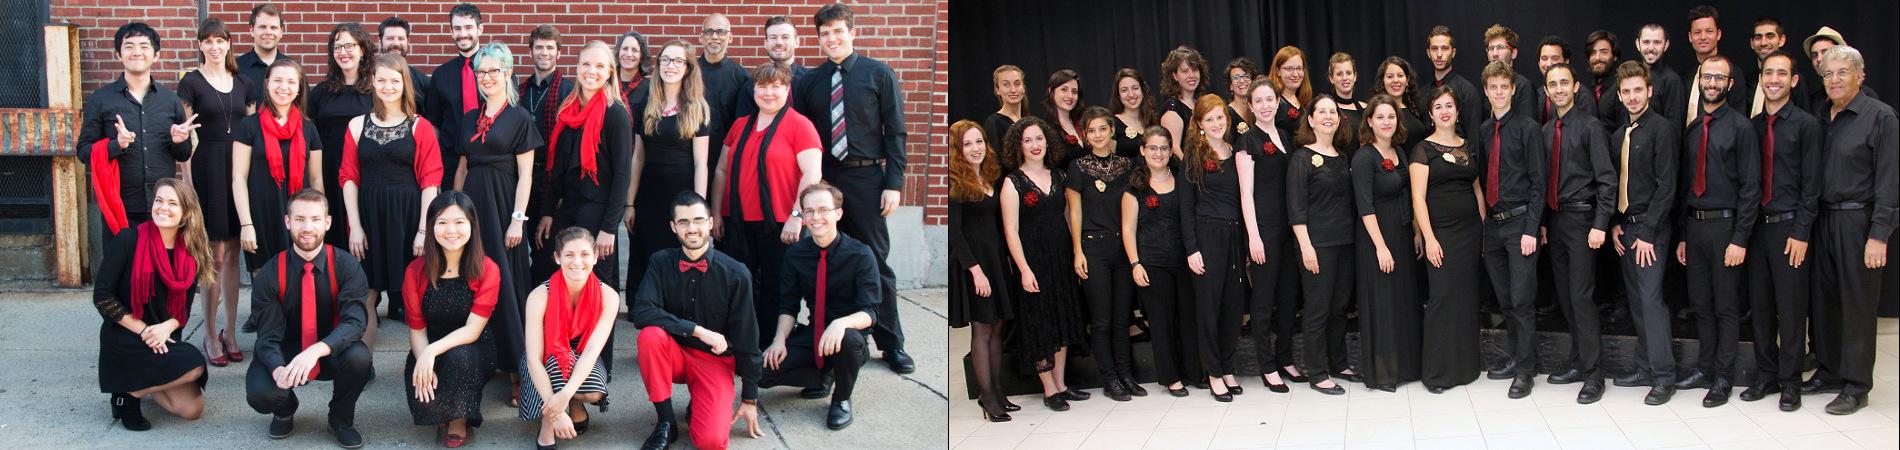 """מפגש מקהלות – המקהלה הקאמרית שליד האקדמיה ומקהלת 'קולות המאה ה-21' מארה""""ב"""